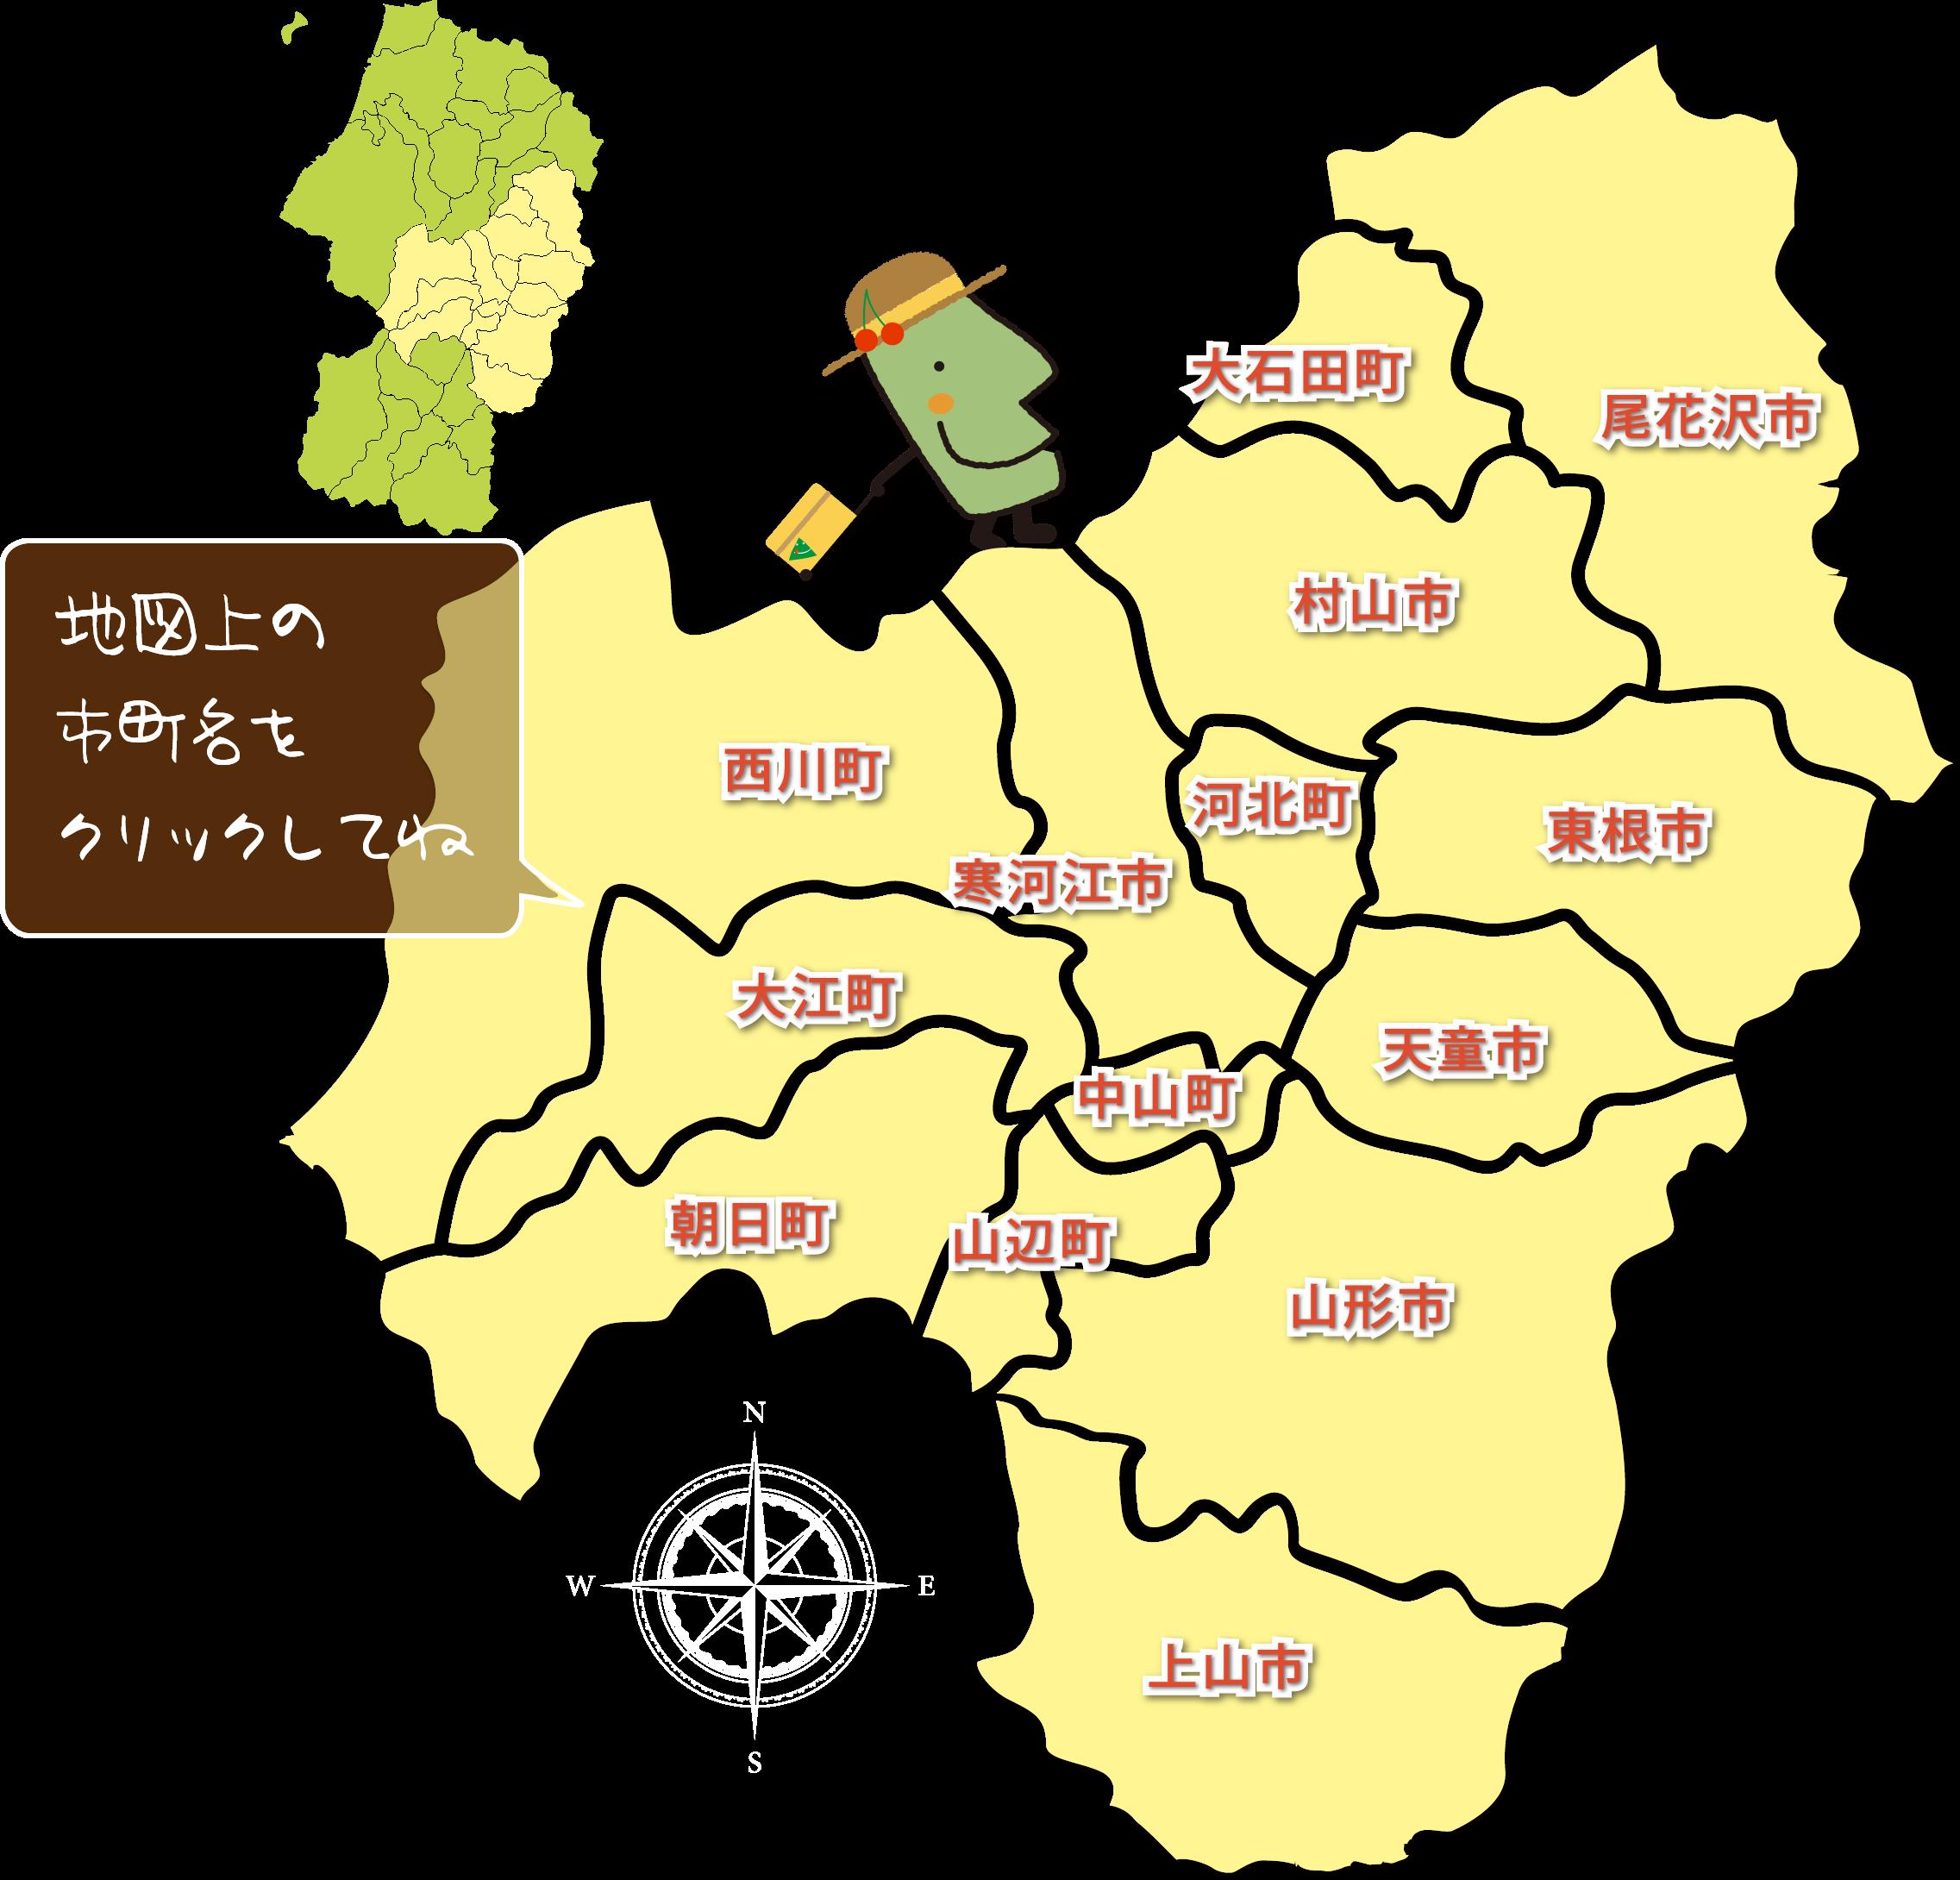 山形県村山エリアのマップ